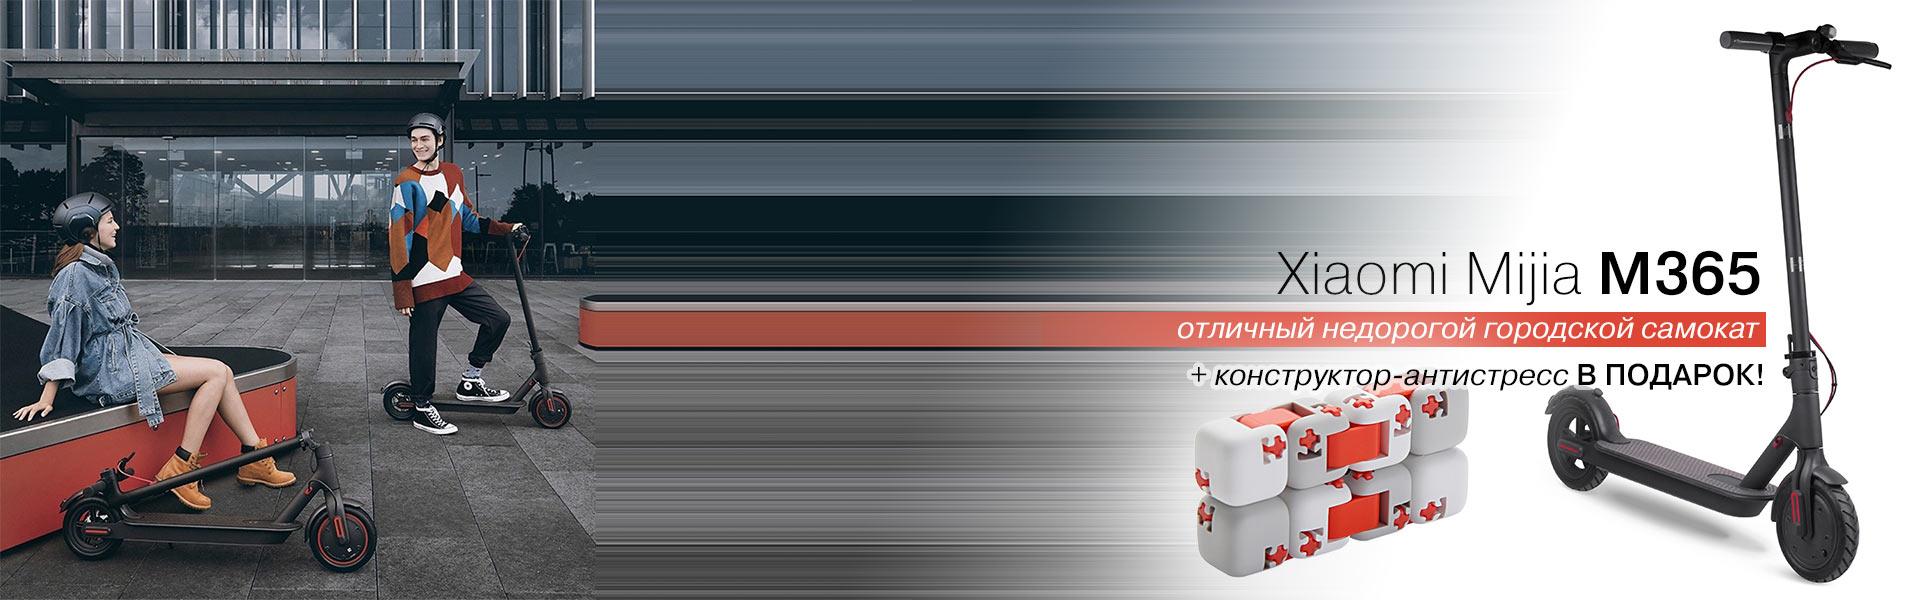 Подарок к самокату Xiaomi Mijia M365!